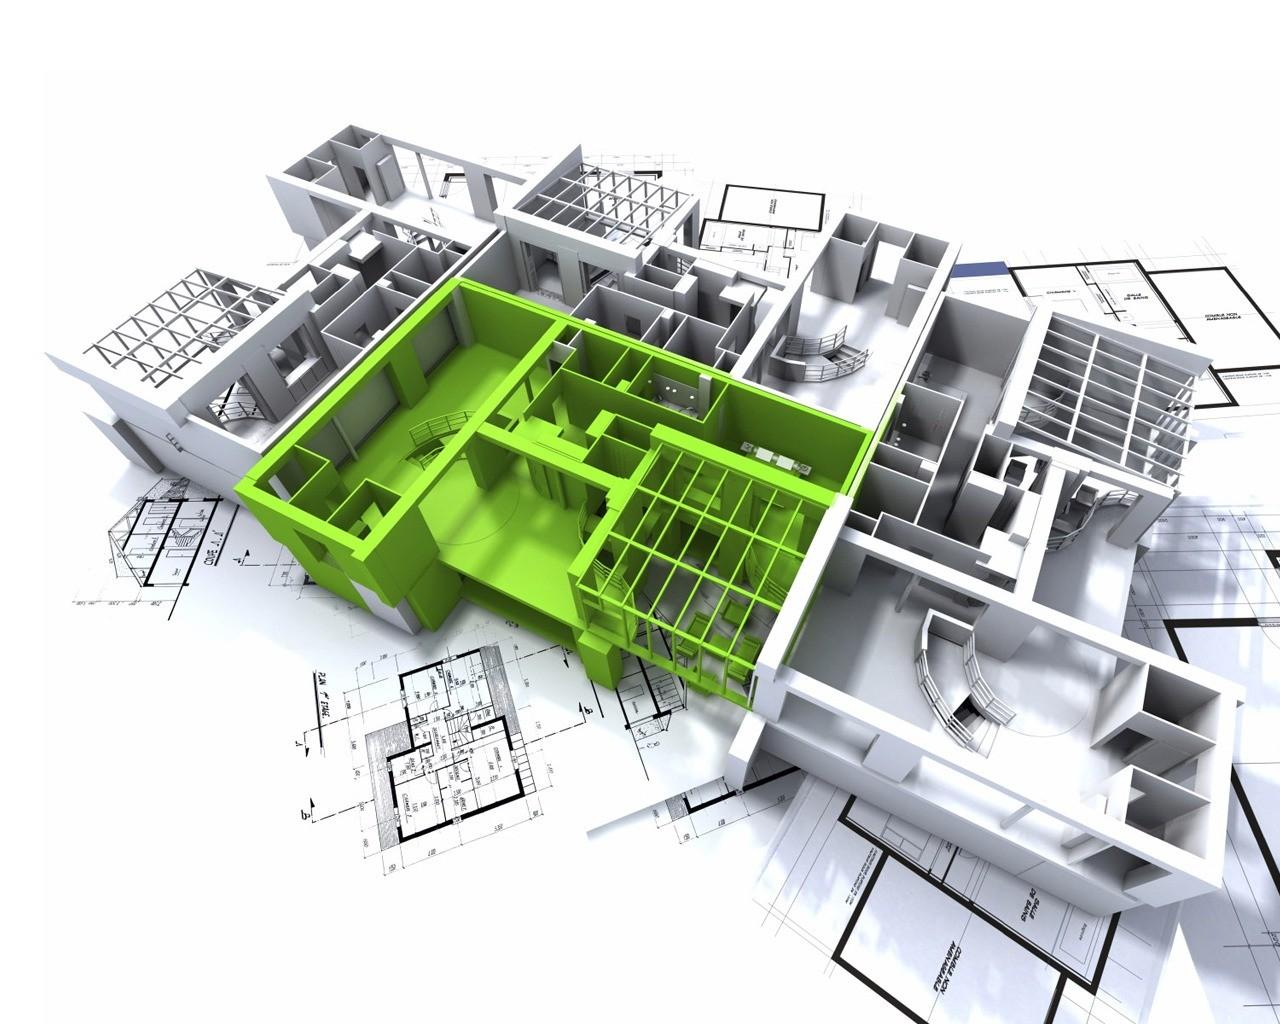 Học ngành kiến trúc tại Cao đẳng Công nghệ và Thương mại Hà Nội